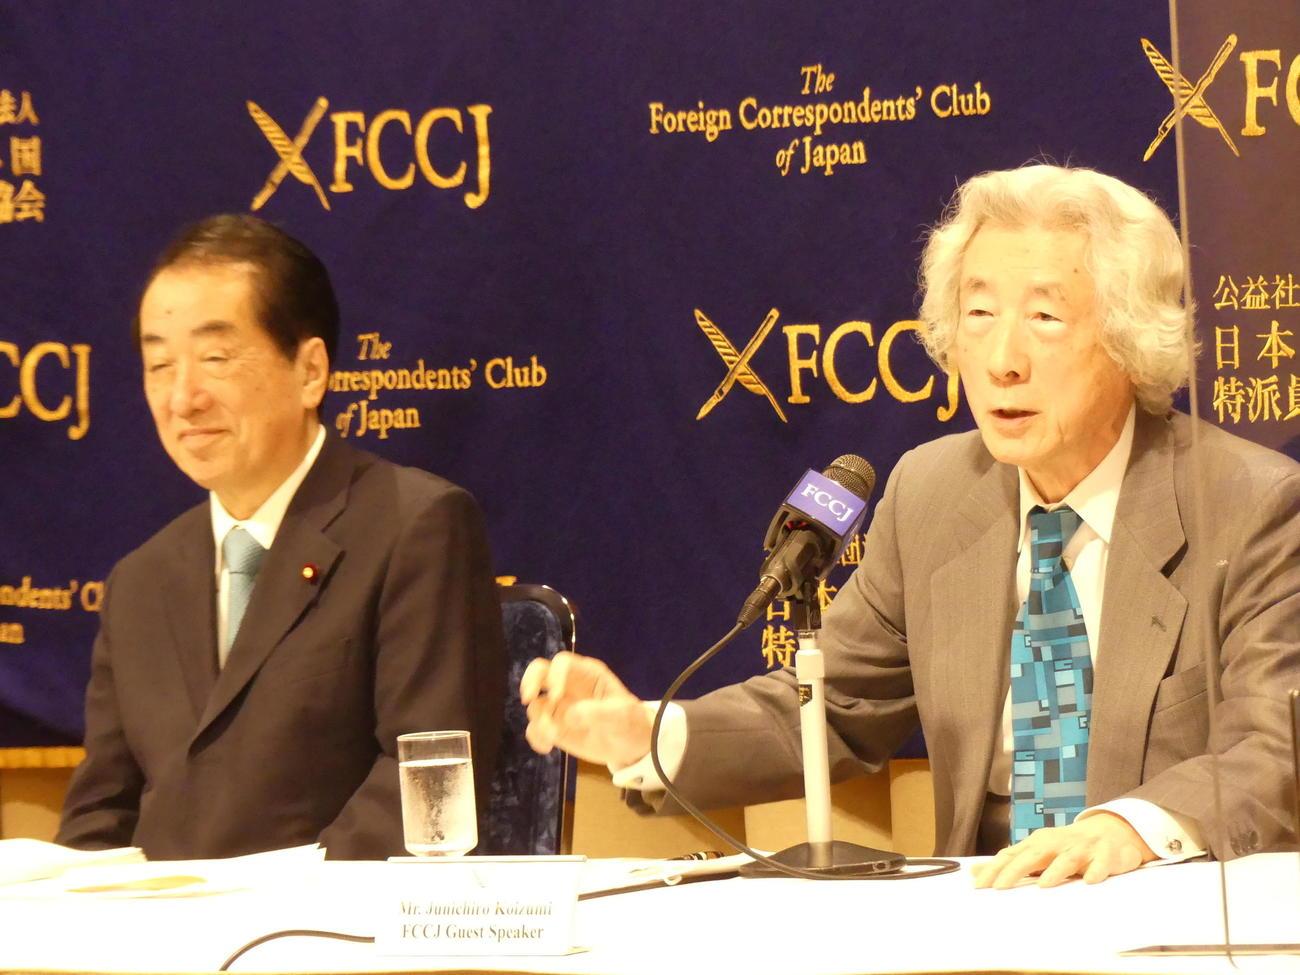 党派を超えて原発ゼロを訴える記者会見に臨む小泉純一郎元首相(右)と菅直人元首相